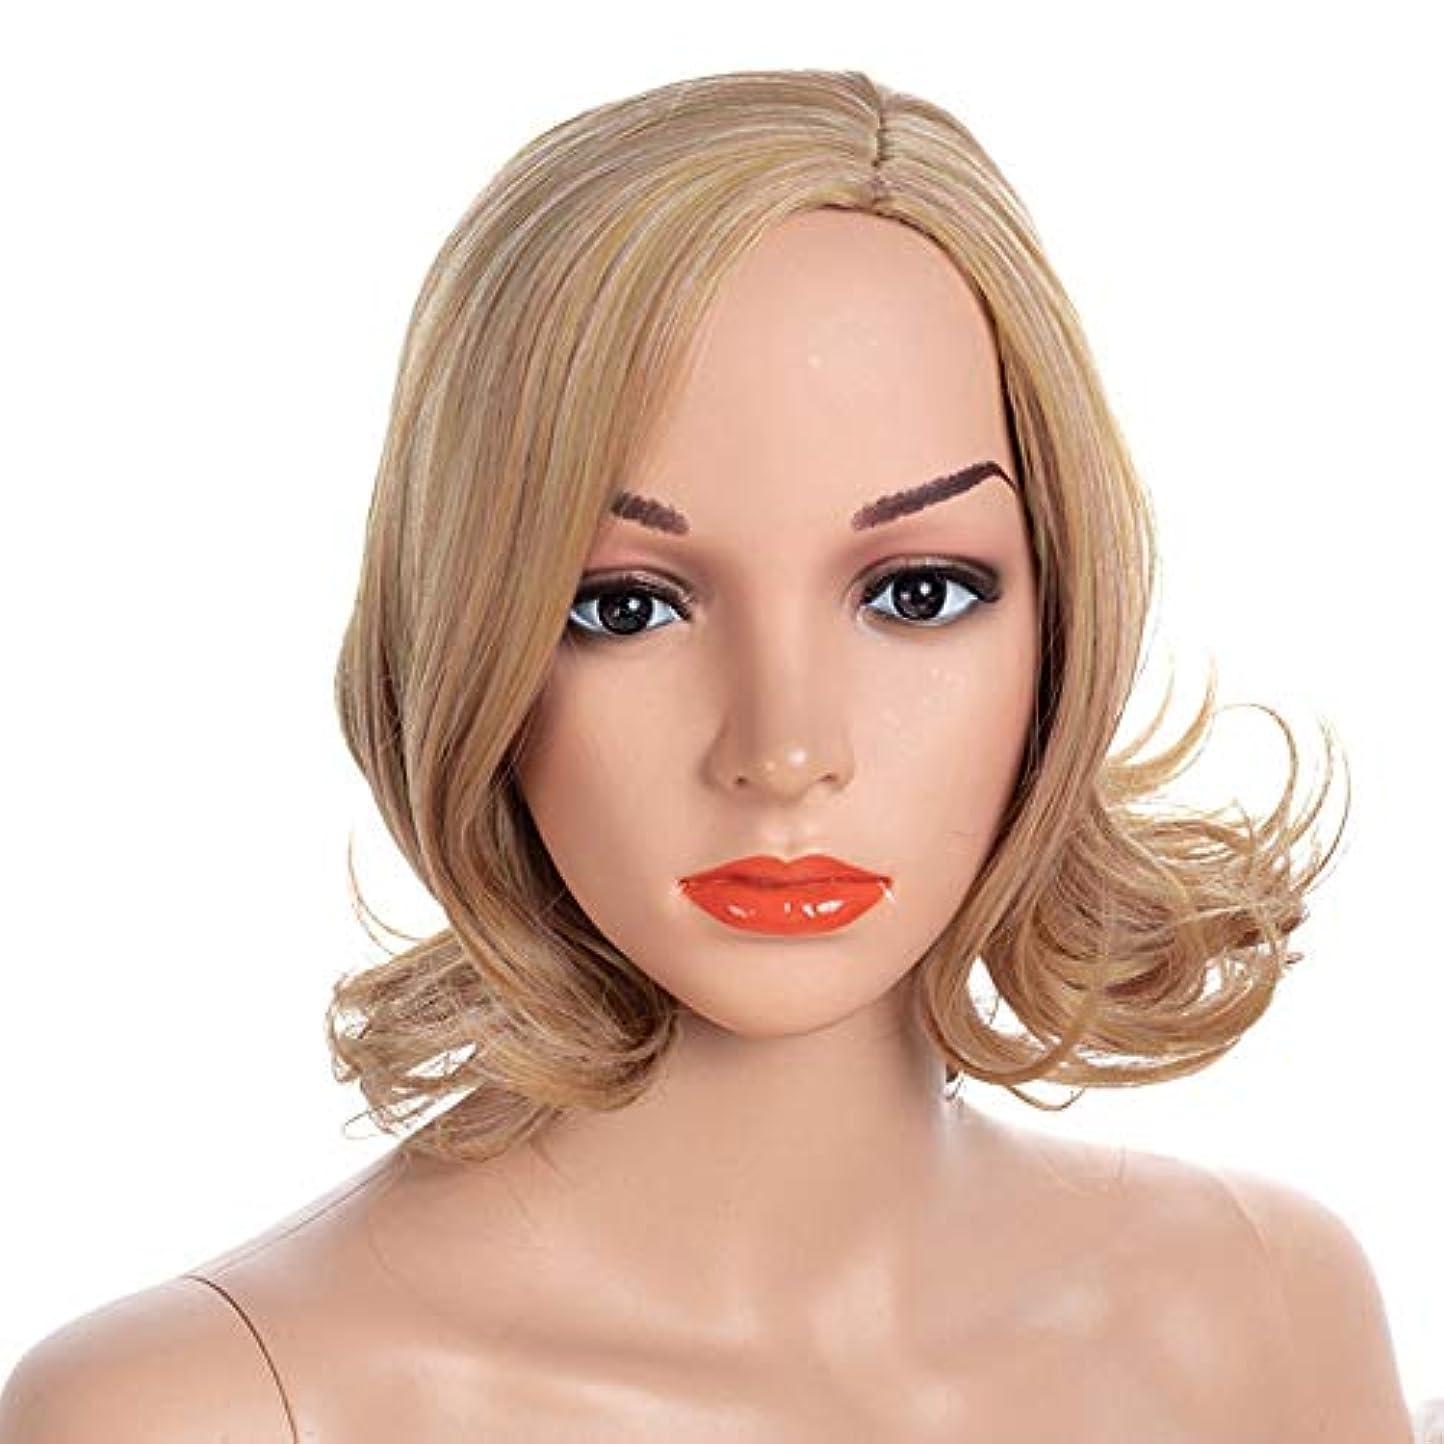 カビかろうじてメカニックYOUQIU 女子ショートカーリーブロンドのかつらメッシー美容ショートウィッグCospalyパーティーウィッグ (色 : Blonde, サイズ : 40cm)